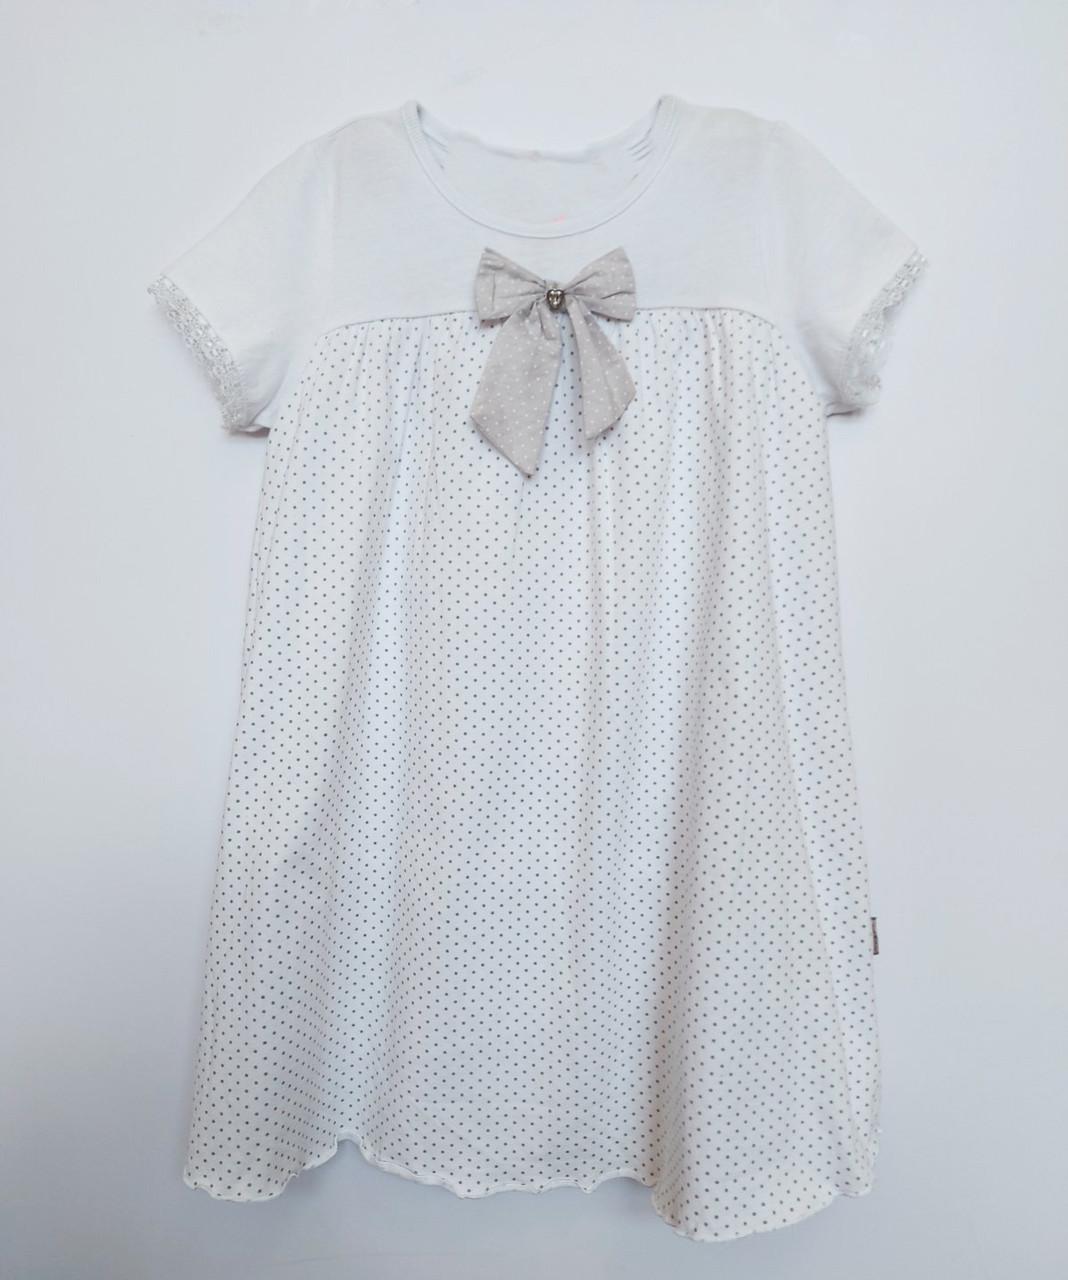 Платье для девочки Mariquita   121-28-018 белое 92-98